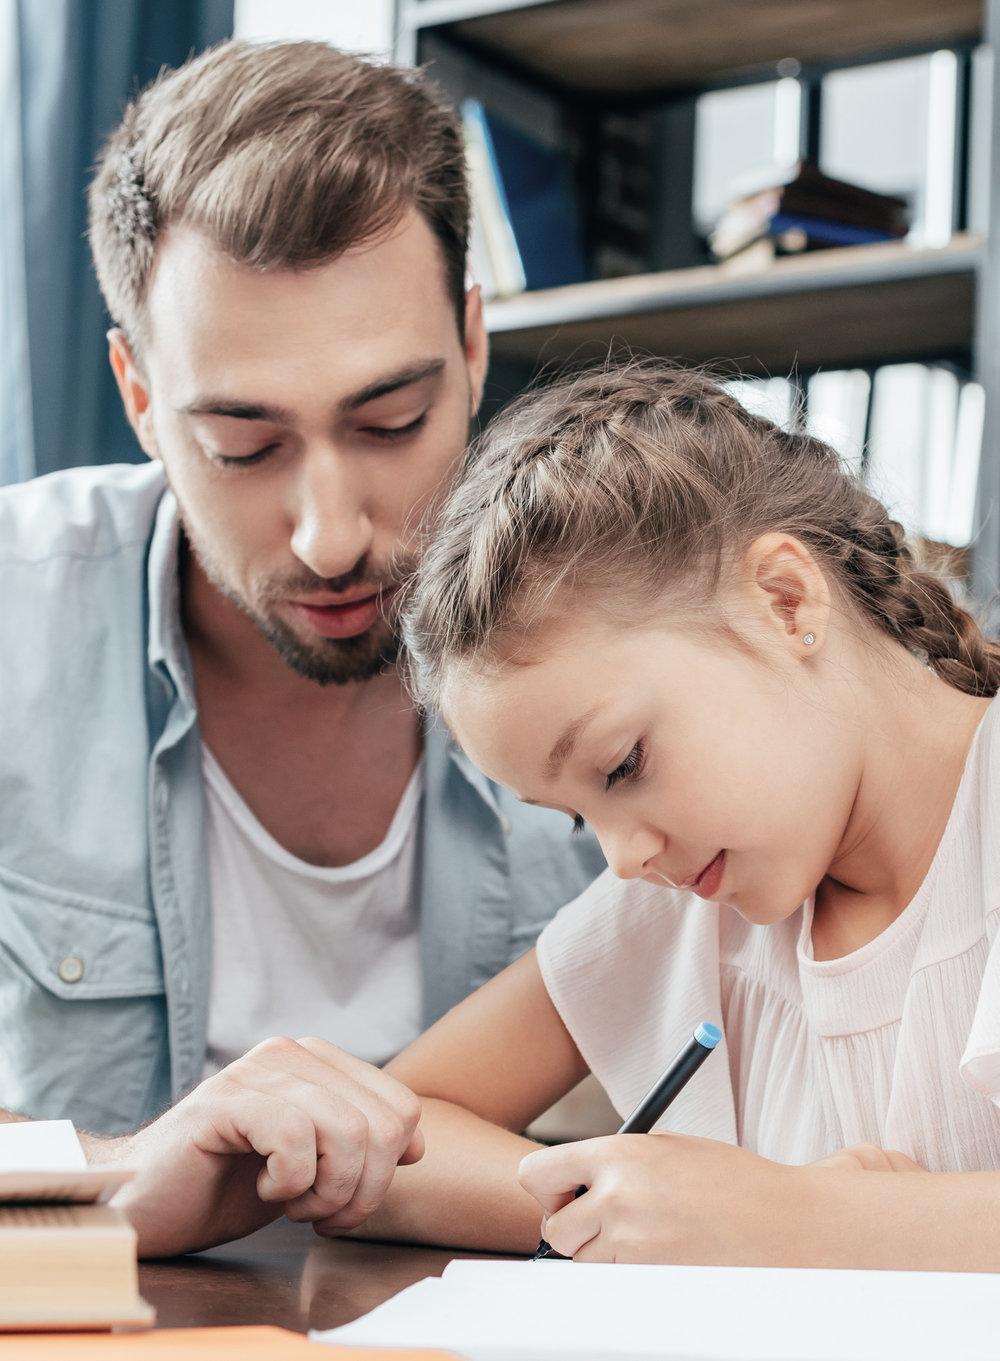 Tavoitteemme - Tavoitteenamme on opettajien, opettajaopiskelijoiden ja ohjaavien opettajien näkökulmasta:·Lisätä osallistujien tietoisuutta ammatilliseen vuorovaikutukseen liittyvistä ilmiöistä· Laajentaa osallistujien kykyä nähdä ja hyödyntää vaihtoehtoisia toimintatapoja erilaisissa opetukseen liittyvissä vuorovaikutustilanteissa· Kannustaa osallistujia luomaan positiivista johtajuutta ja positiivista oppimisilmapiiriä, vaikka ammatilliseen vuorovaikutukseen liittyisi ehkä myös kielteisiätunteita.· Lisätä osallistujien esiintymisvarmuutta ja vähentää sosiaalista stressiä opetukseen liittyvissä vuorovaikutustilanteissa.